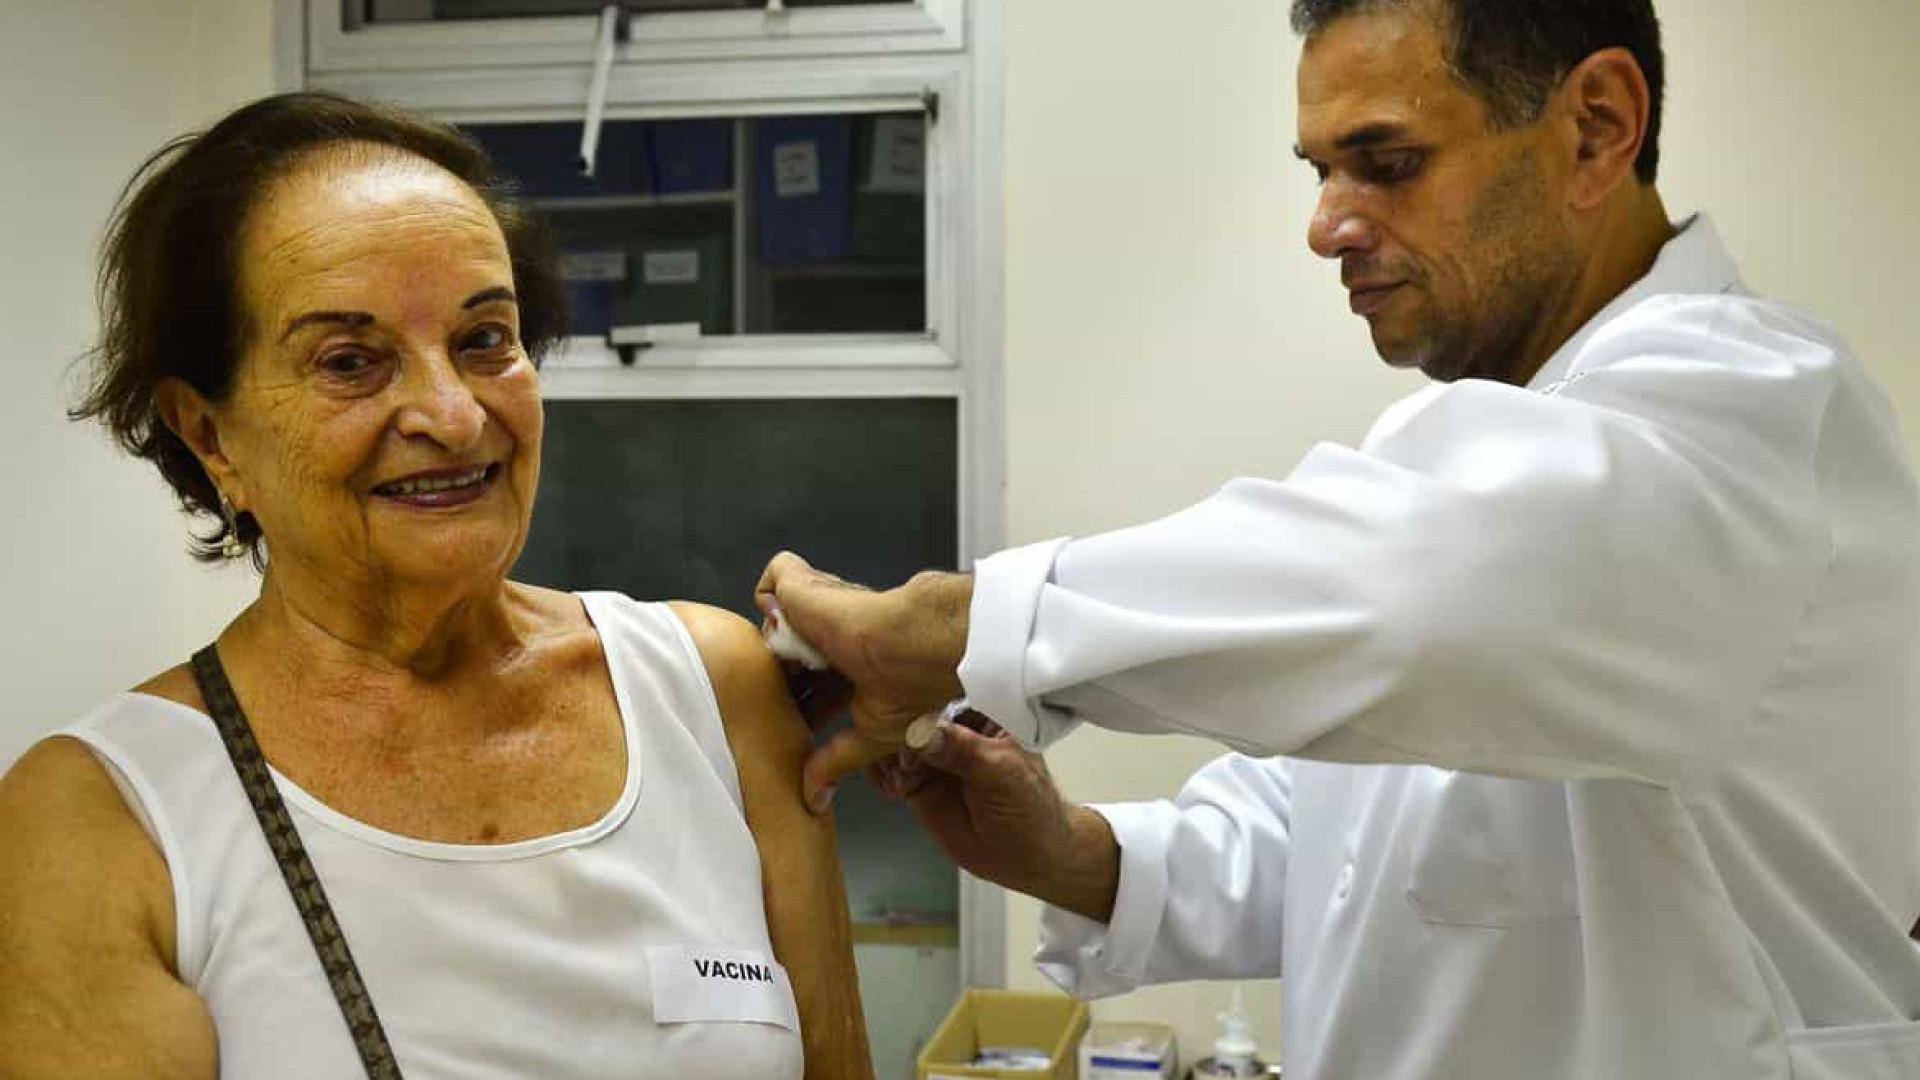 Emoção marca primeiro dia de vacinação contra a Covid-19 em idosos em São Paulo